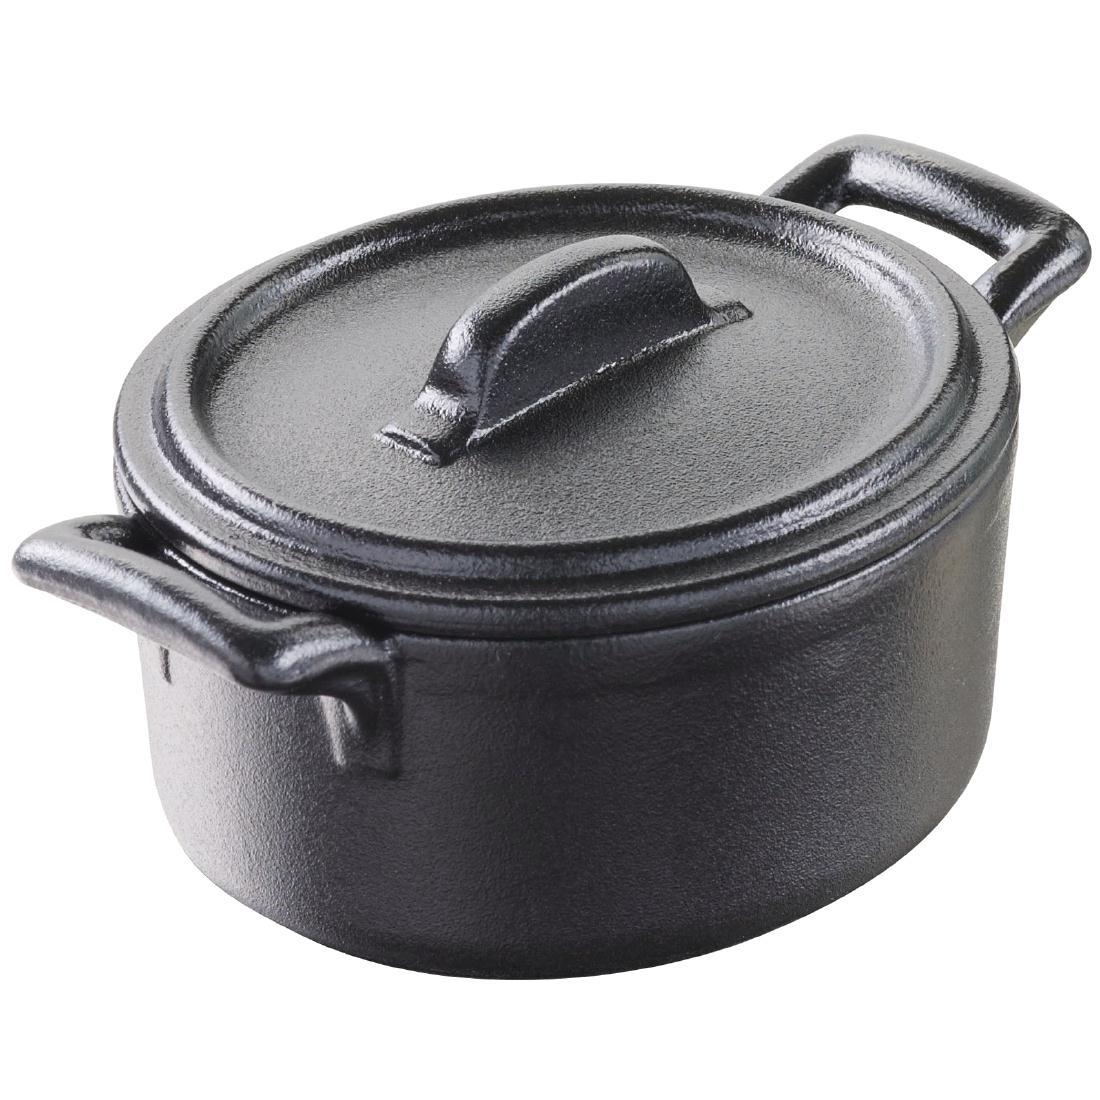 Mini cocottes Revol Miniature Belle Cuisine noires 75mm par 6